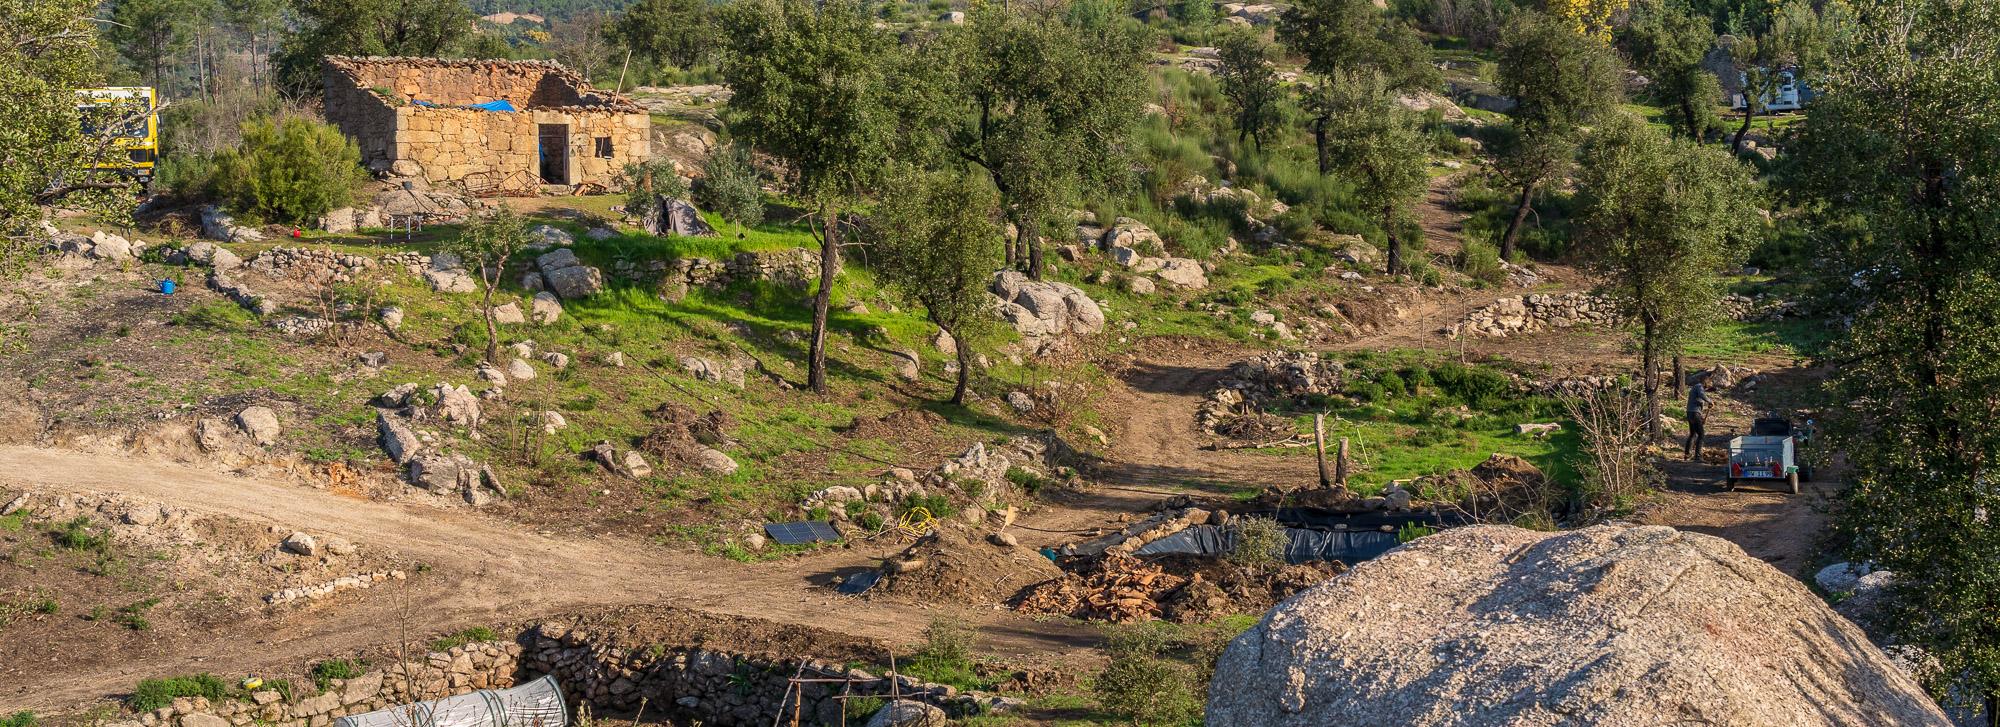 Quinta Prazera | Vier Jahreszeiten im Februar